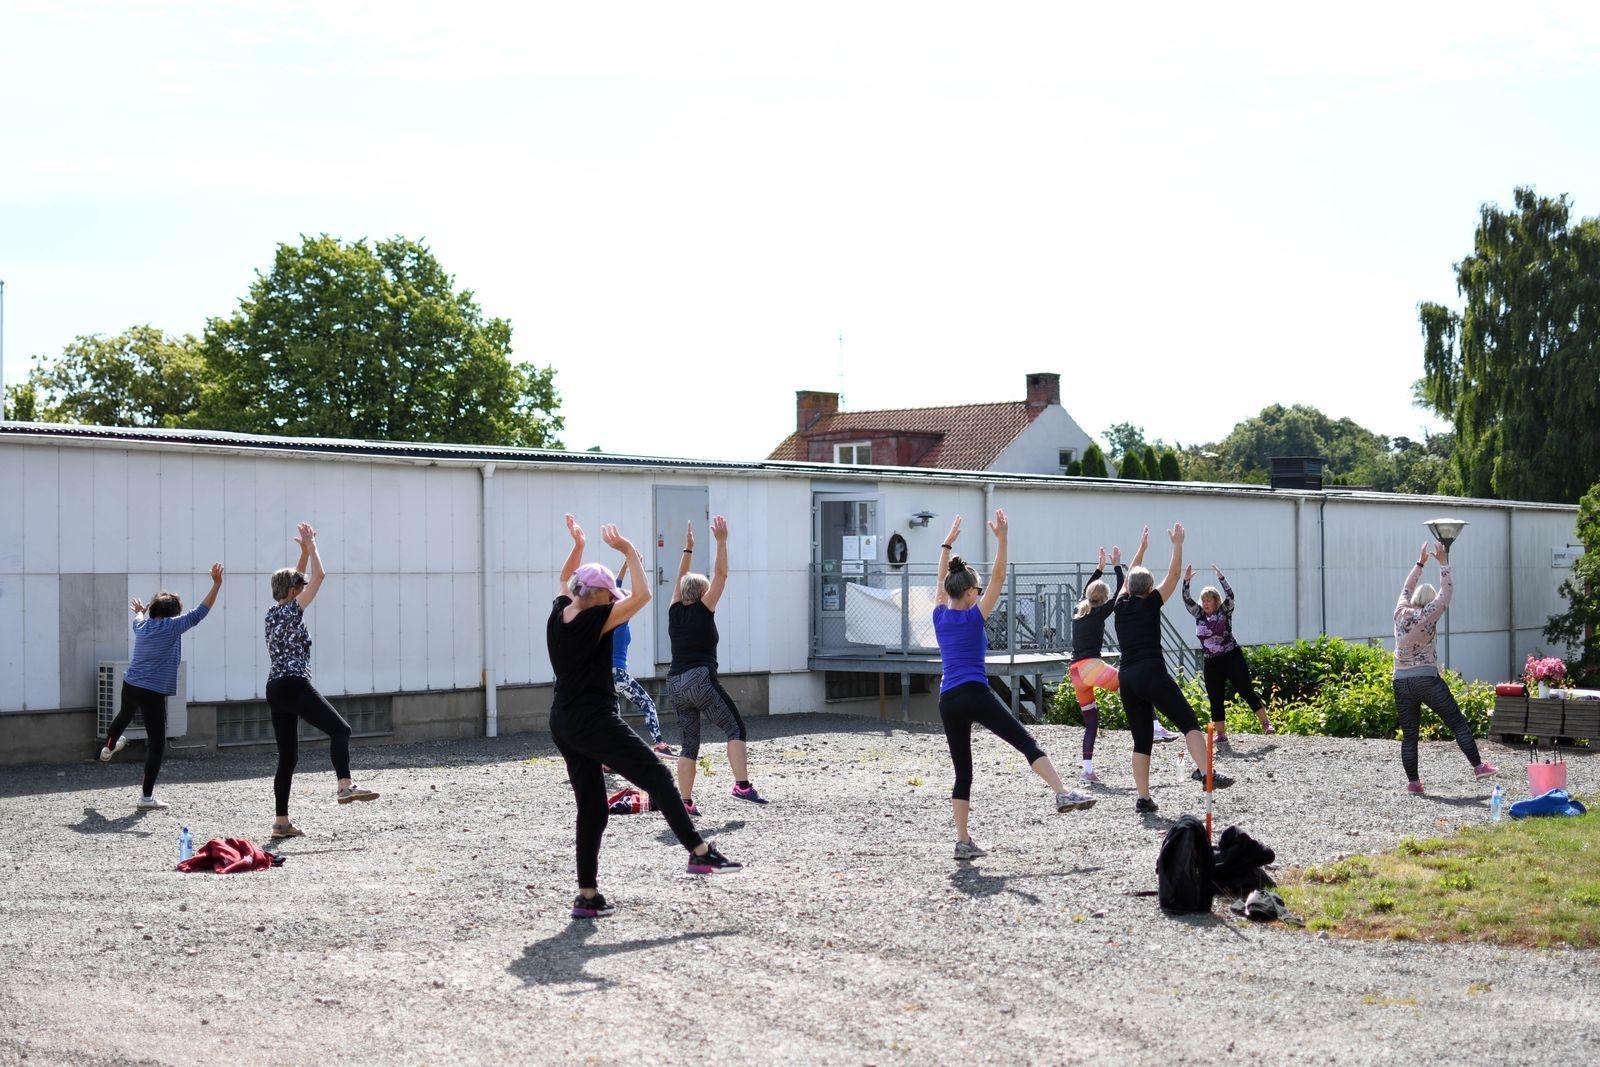 Inomhus har gymmet möblerats om. Eftersom gruppträningen tar plats utomhus kan träningssalen användas för att glesa ut mellan gymmaskinerna.